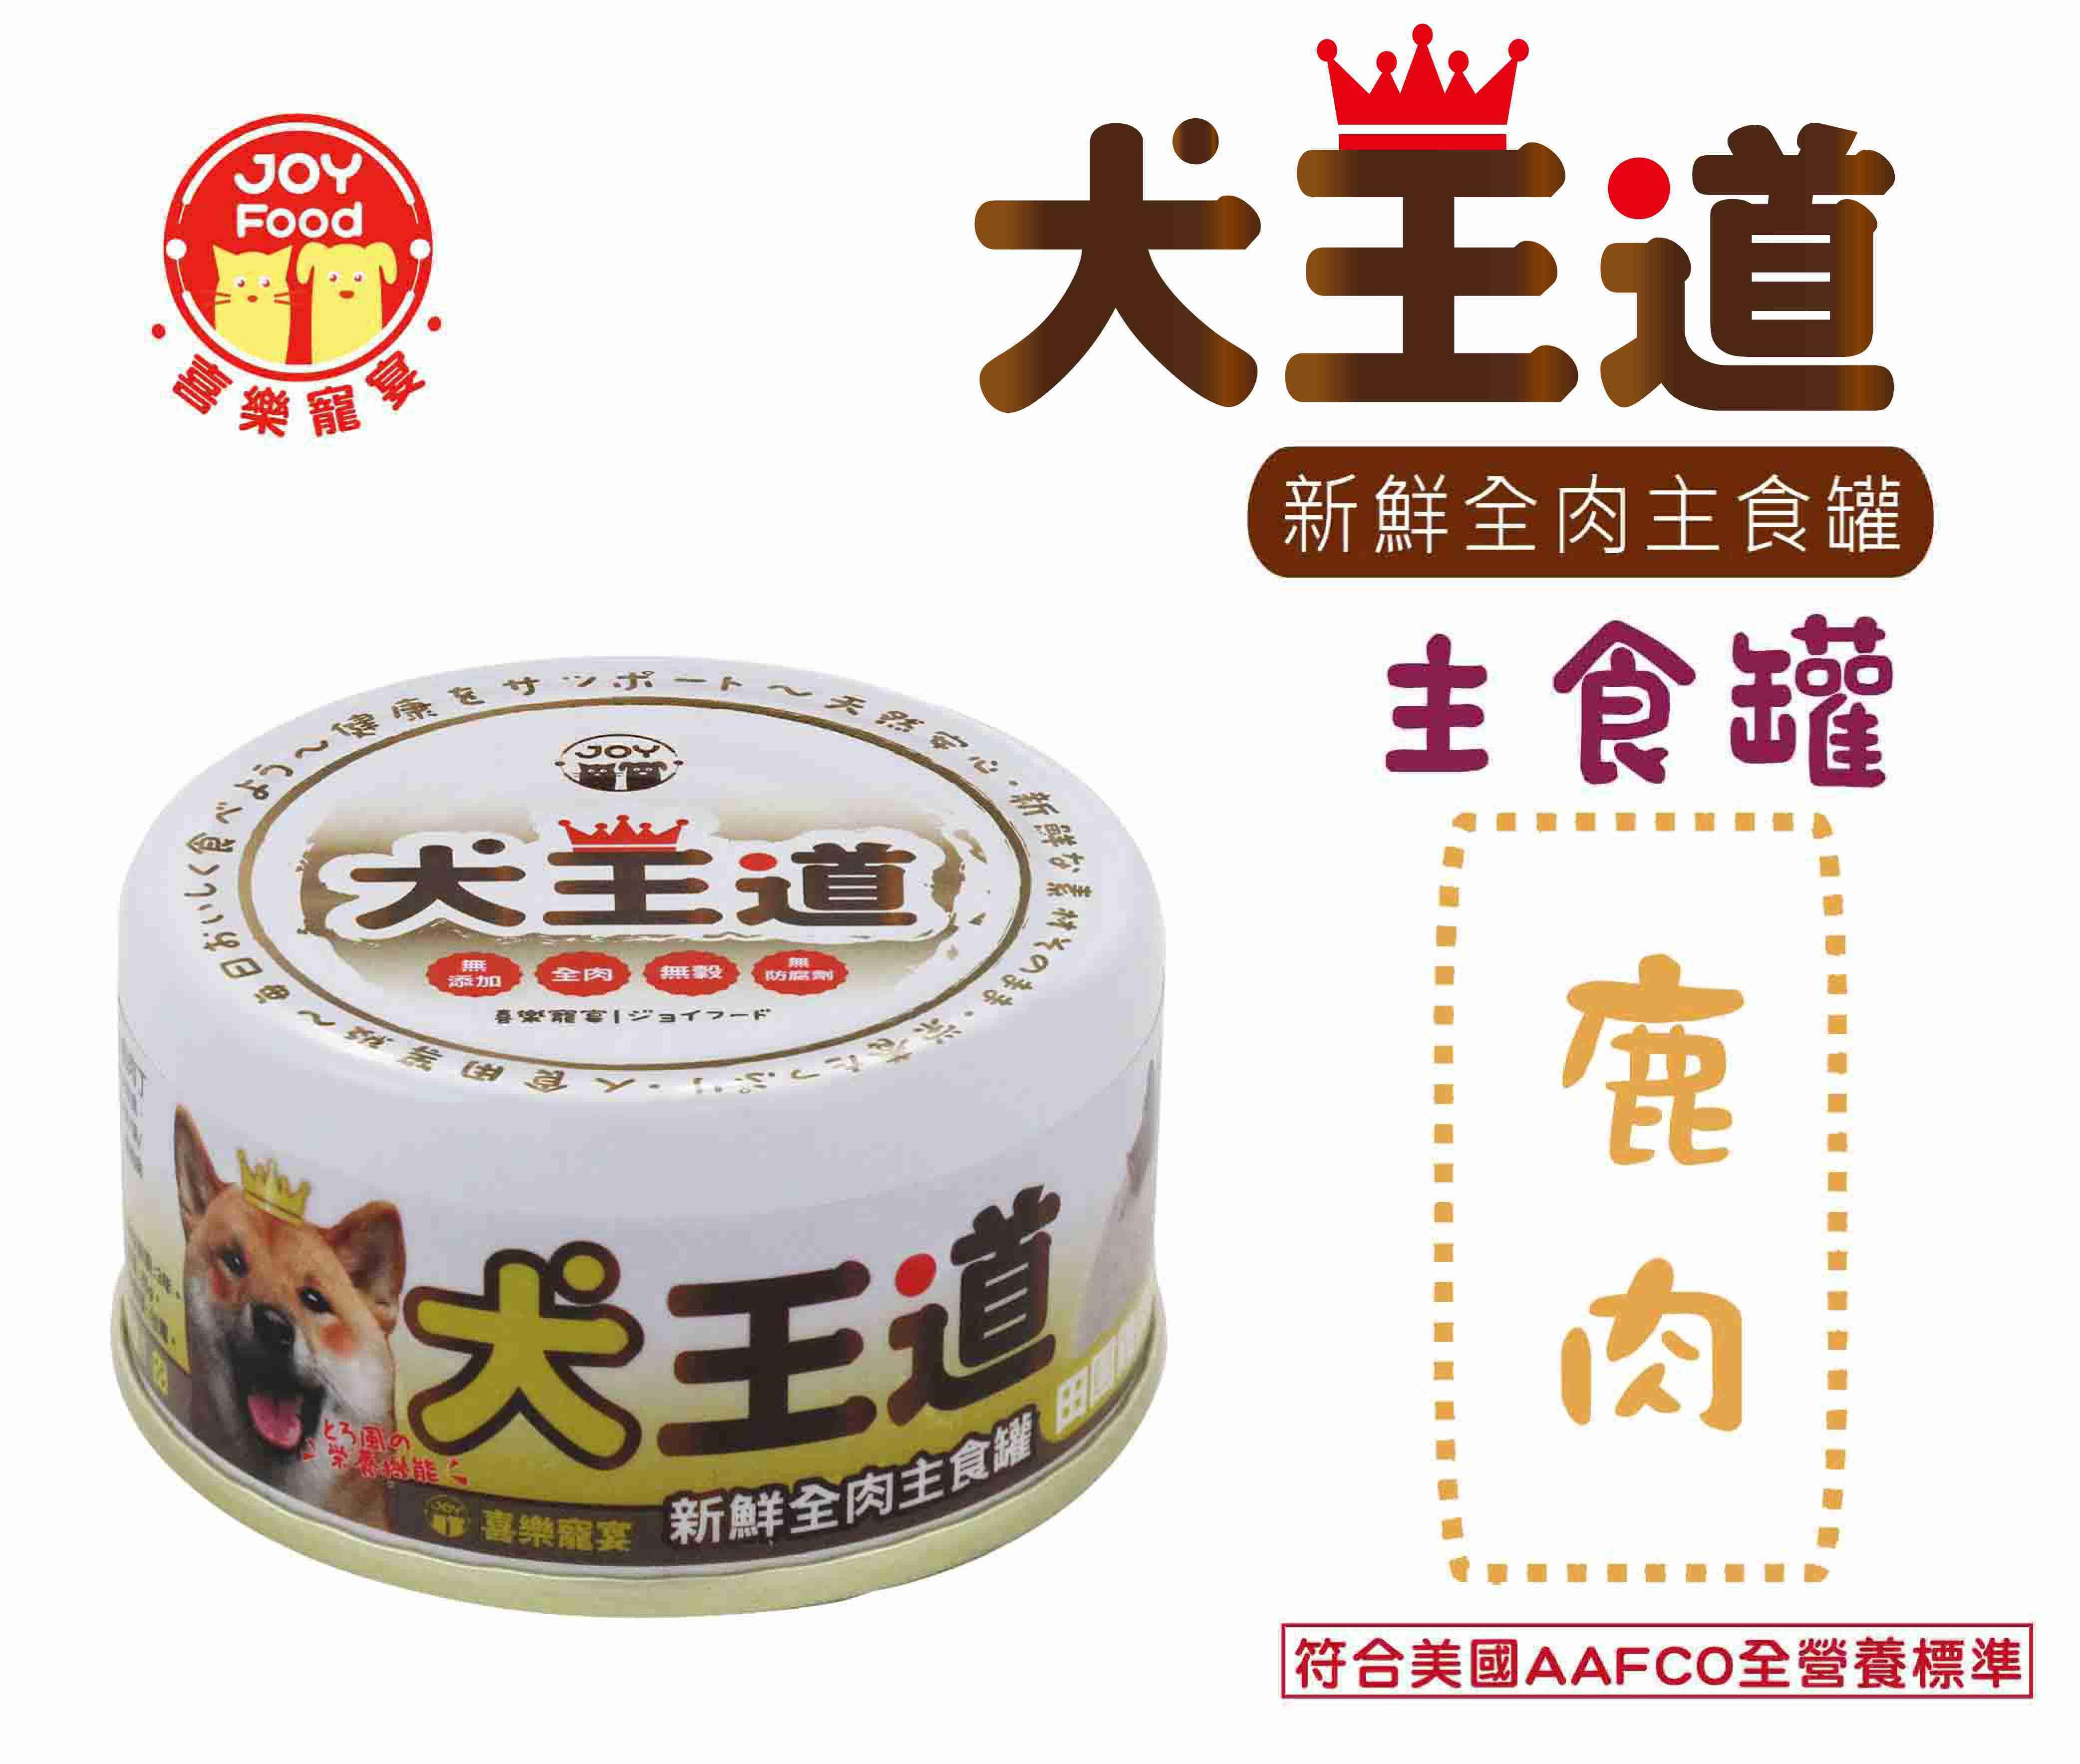 喜樂寵宴-犬王道之新鮮全肉主食罐-田園雞肉絲+鹿肉丁(24罐/盒)